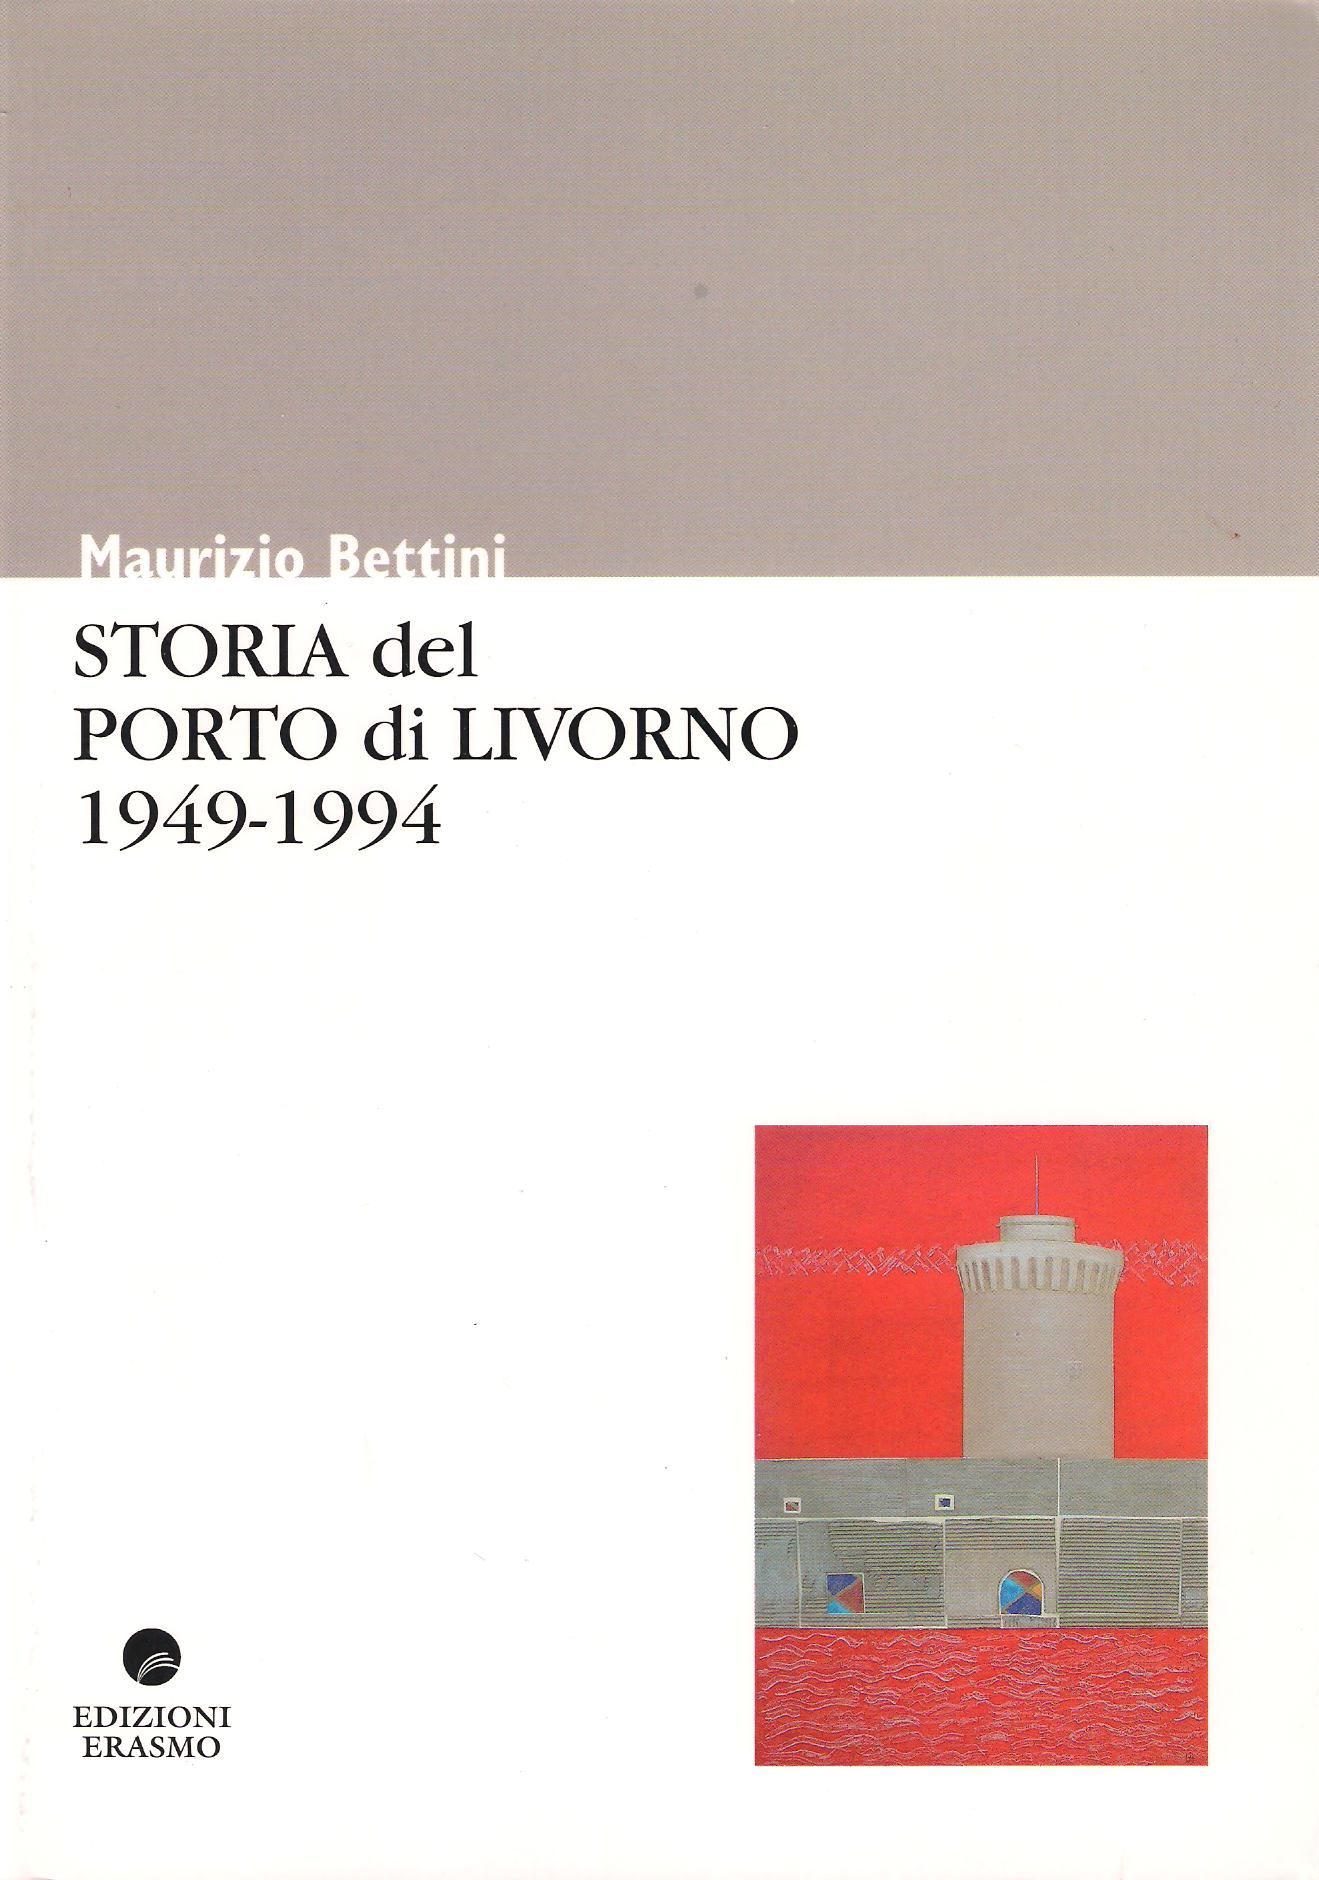 Storia del porto di Livorno 1949-1994